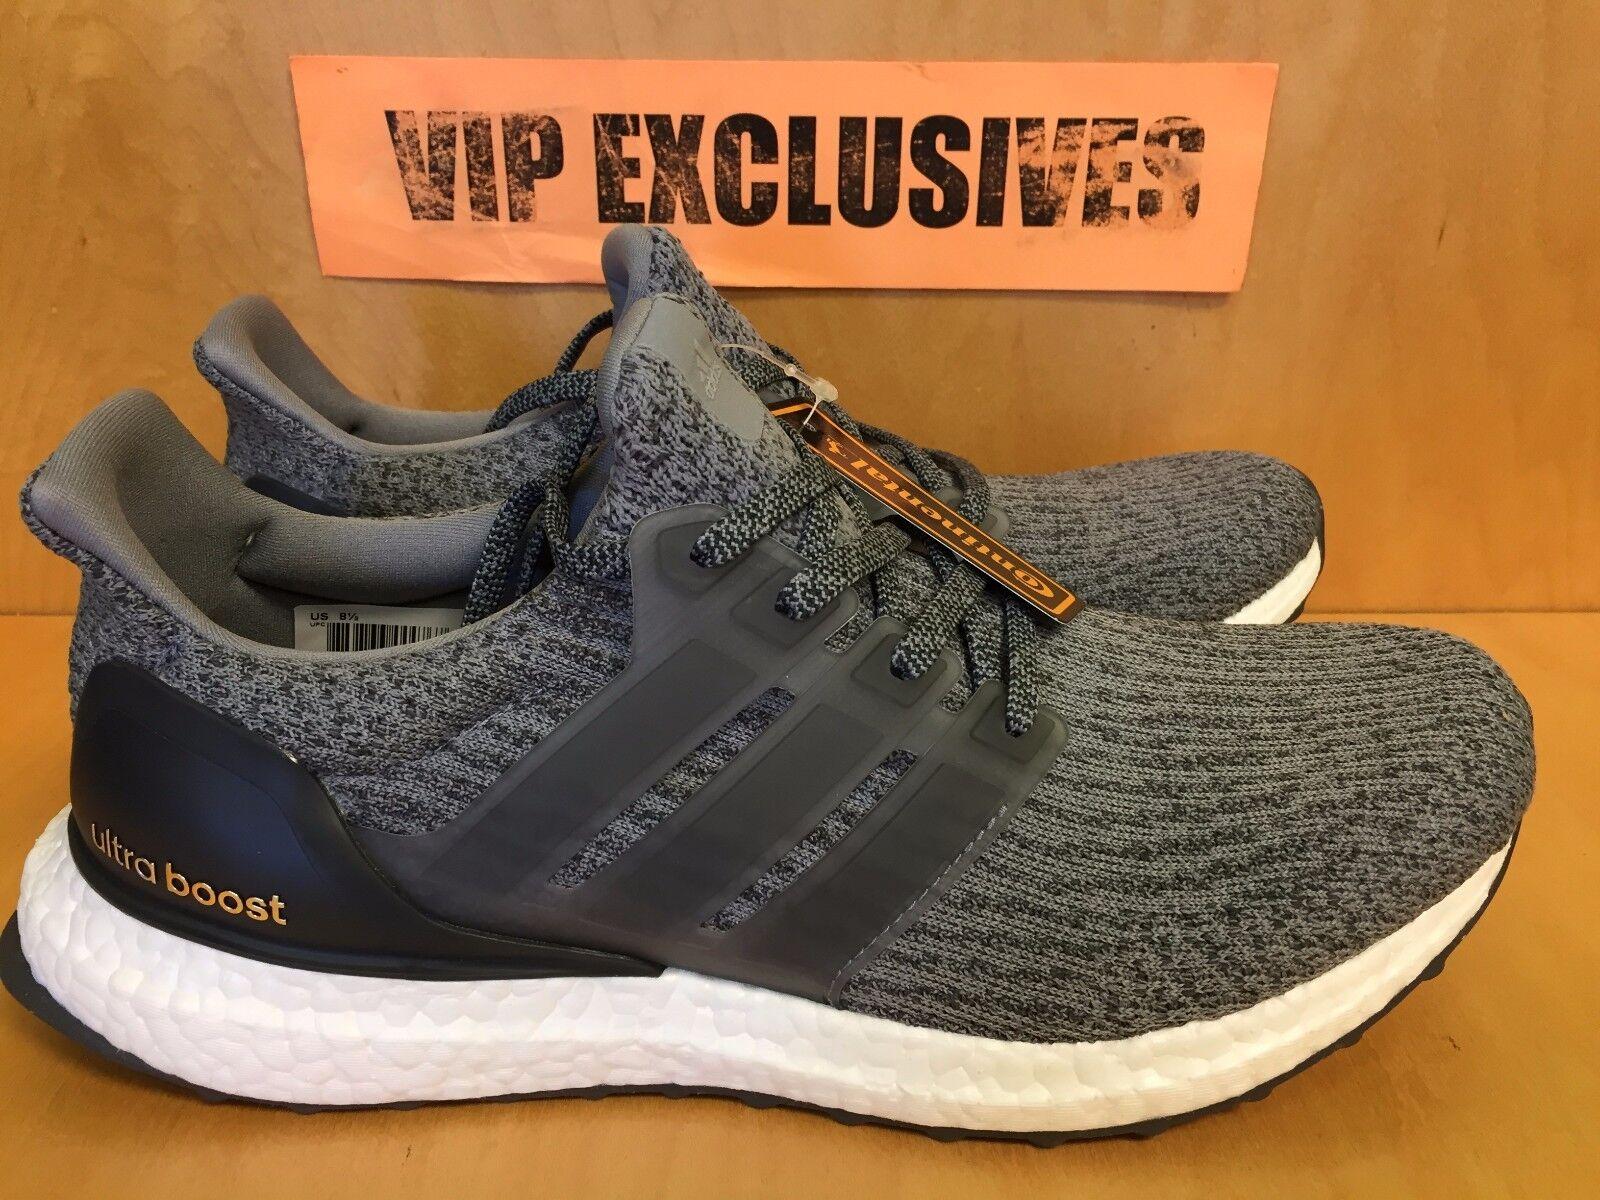 Adidas ultra impulso impulso impulso 3,0 mistero heather grigio, grigio scuro ultraboost ba8849 2017 a5415e